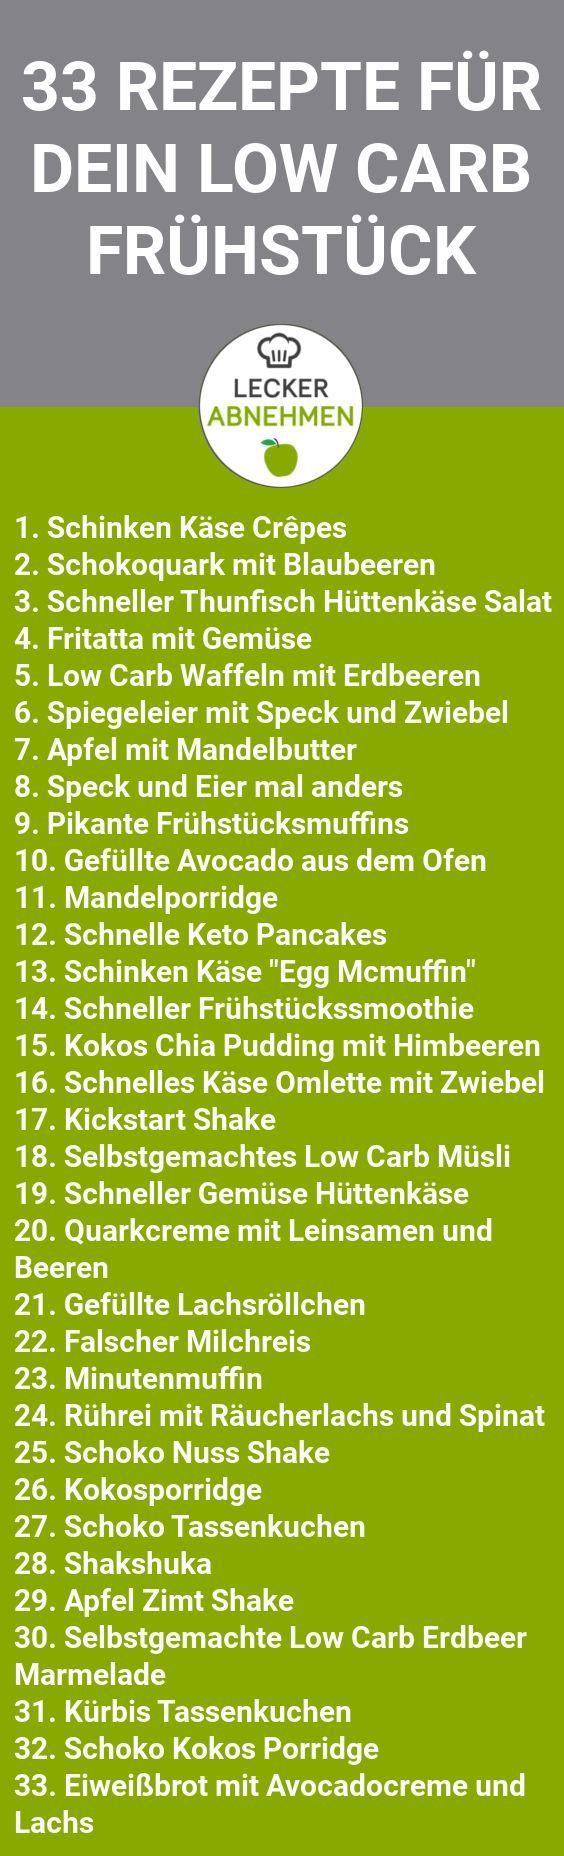 33 leckere und schnelle Low Carb Frühstücksrezepte – Kerstin Robel